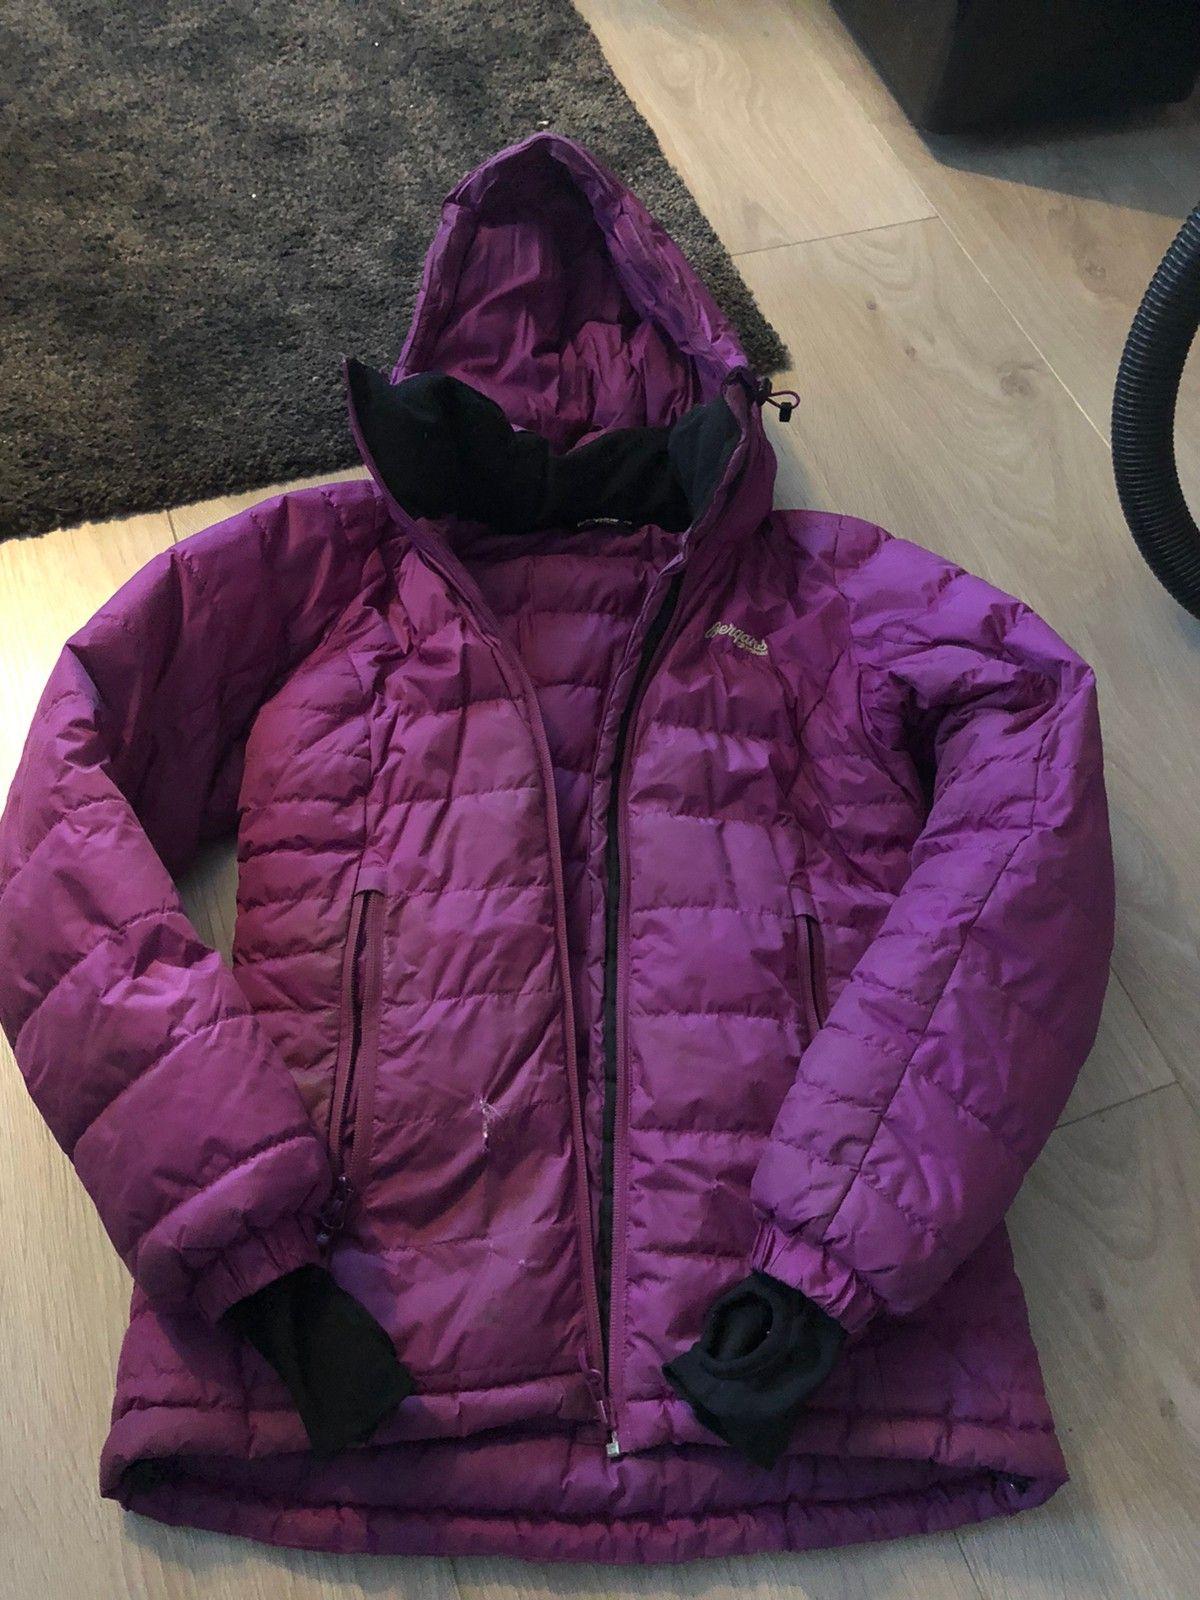 Lilla bergans dun jakke. | FINN.no